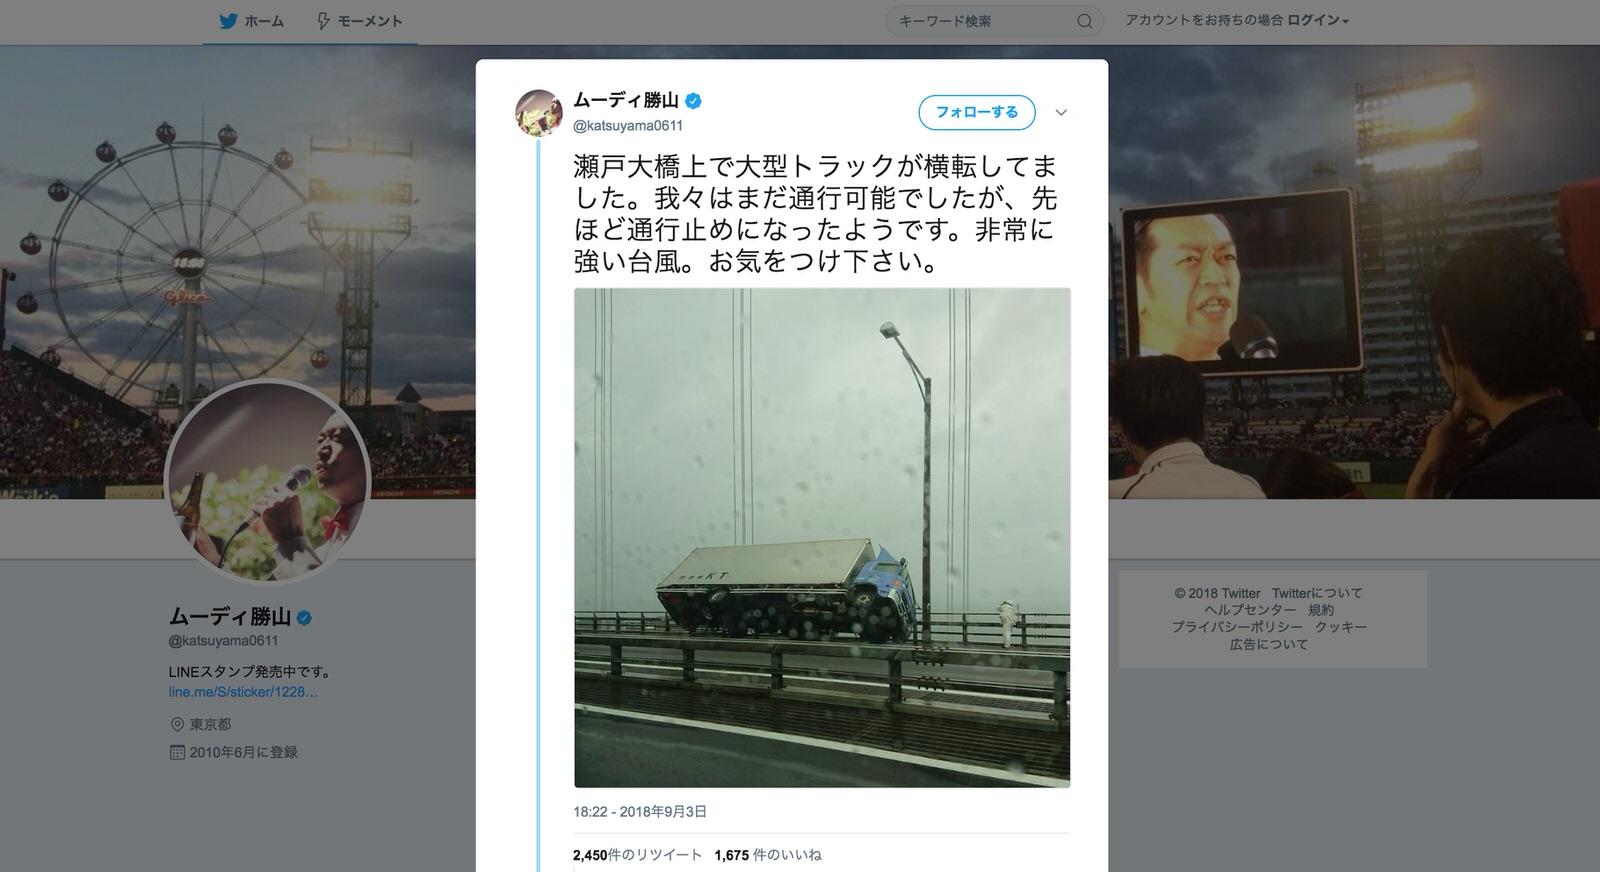 【動画&画像】台風21号、各地で被害報告「屋根ぶっ飛んだ」「ビル崩れてる」「木が舞ってる」